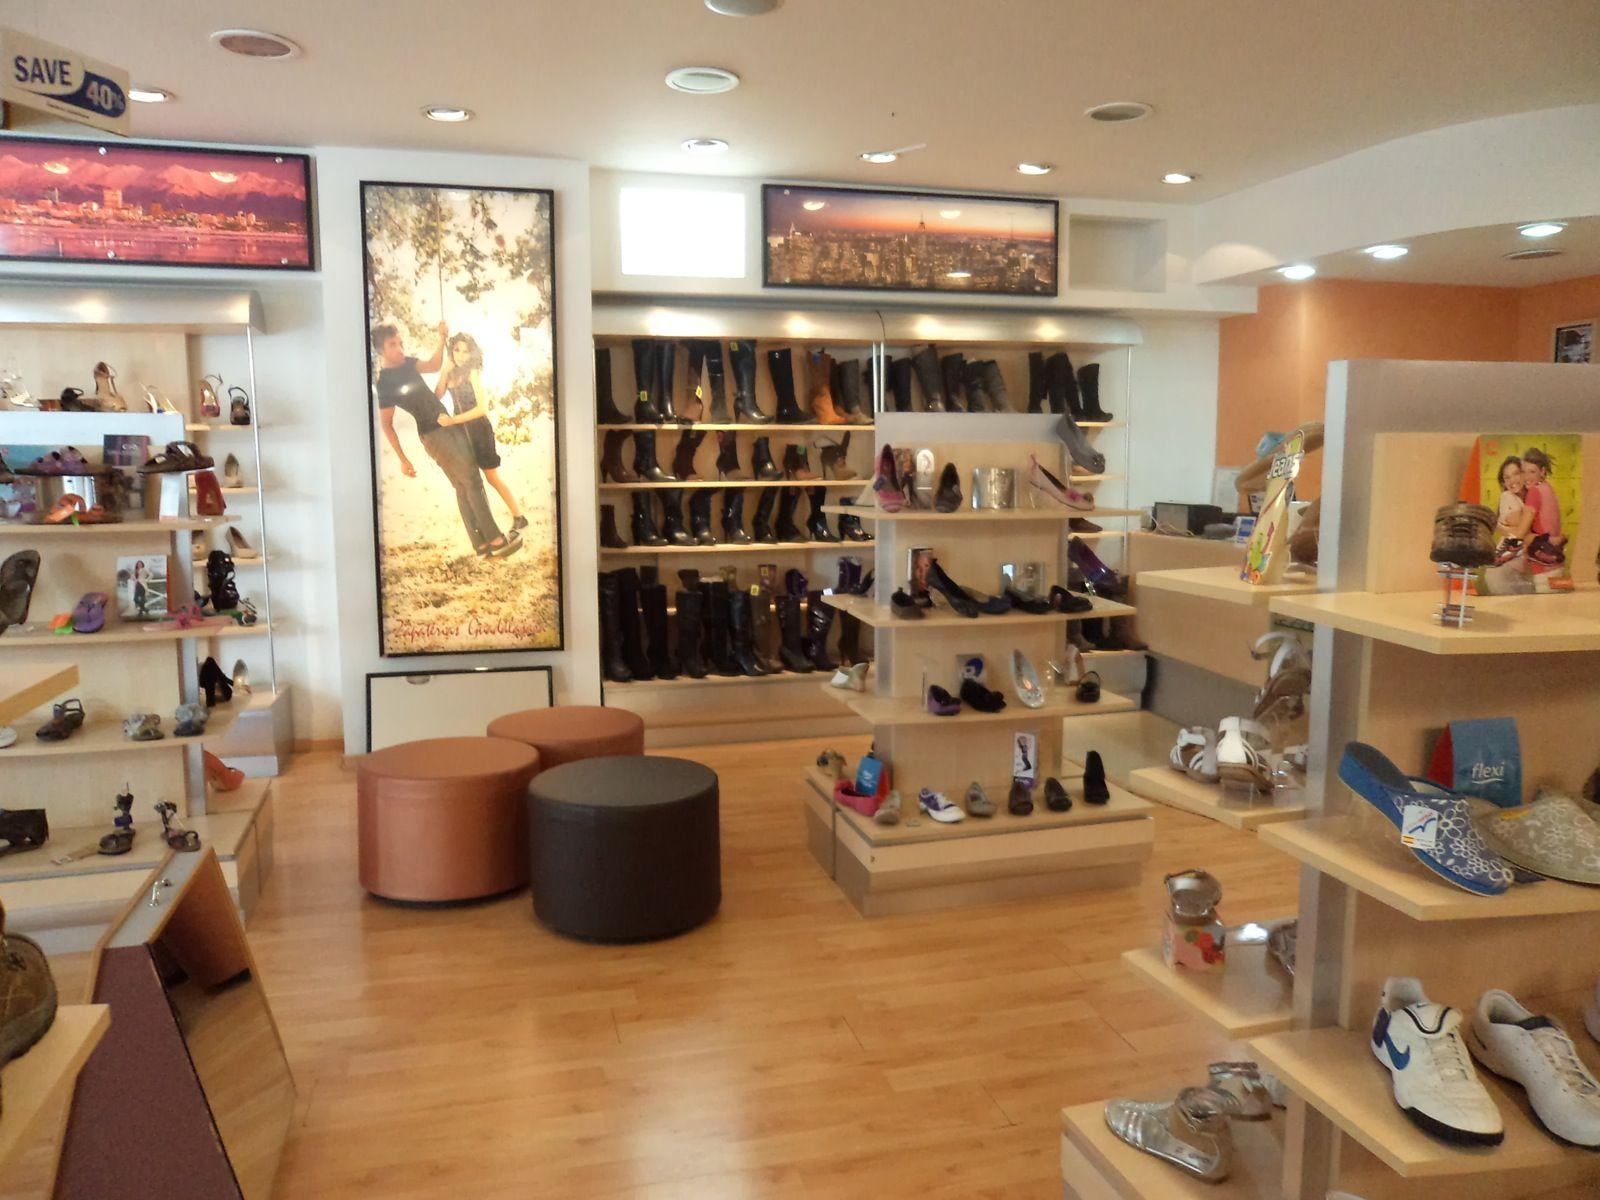 En La Zapatería Hay Muchos Zapatos Hay Zapatos Como Sandalias Y Botas Shop Interior Design Shop Interior Interior Design